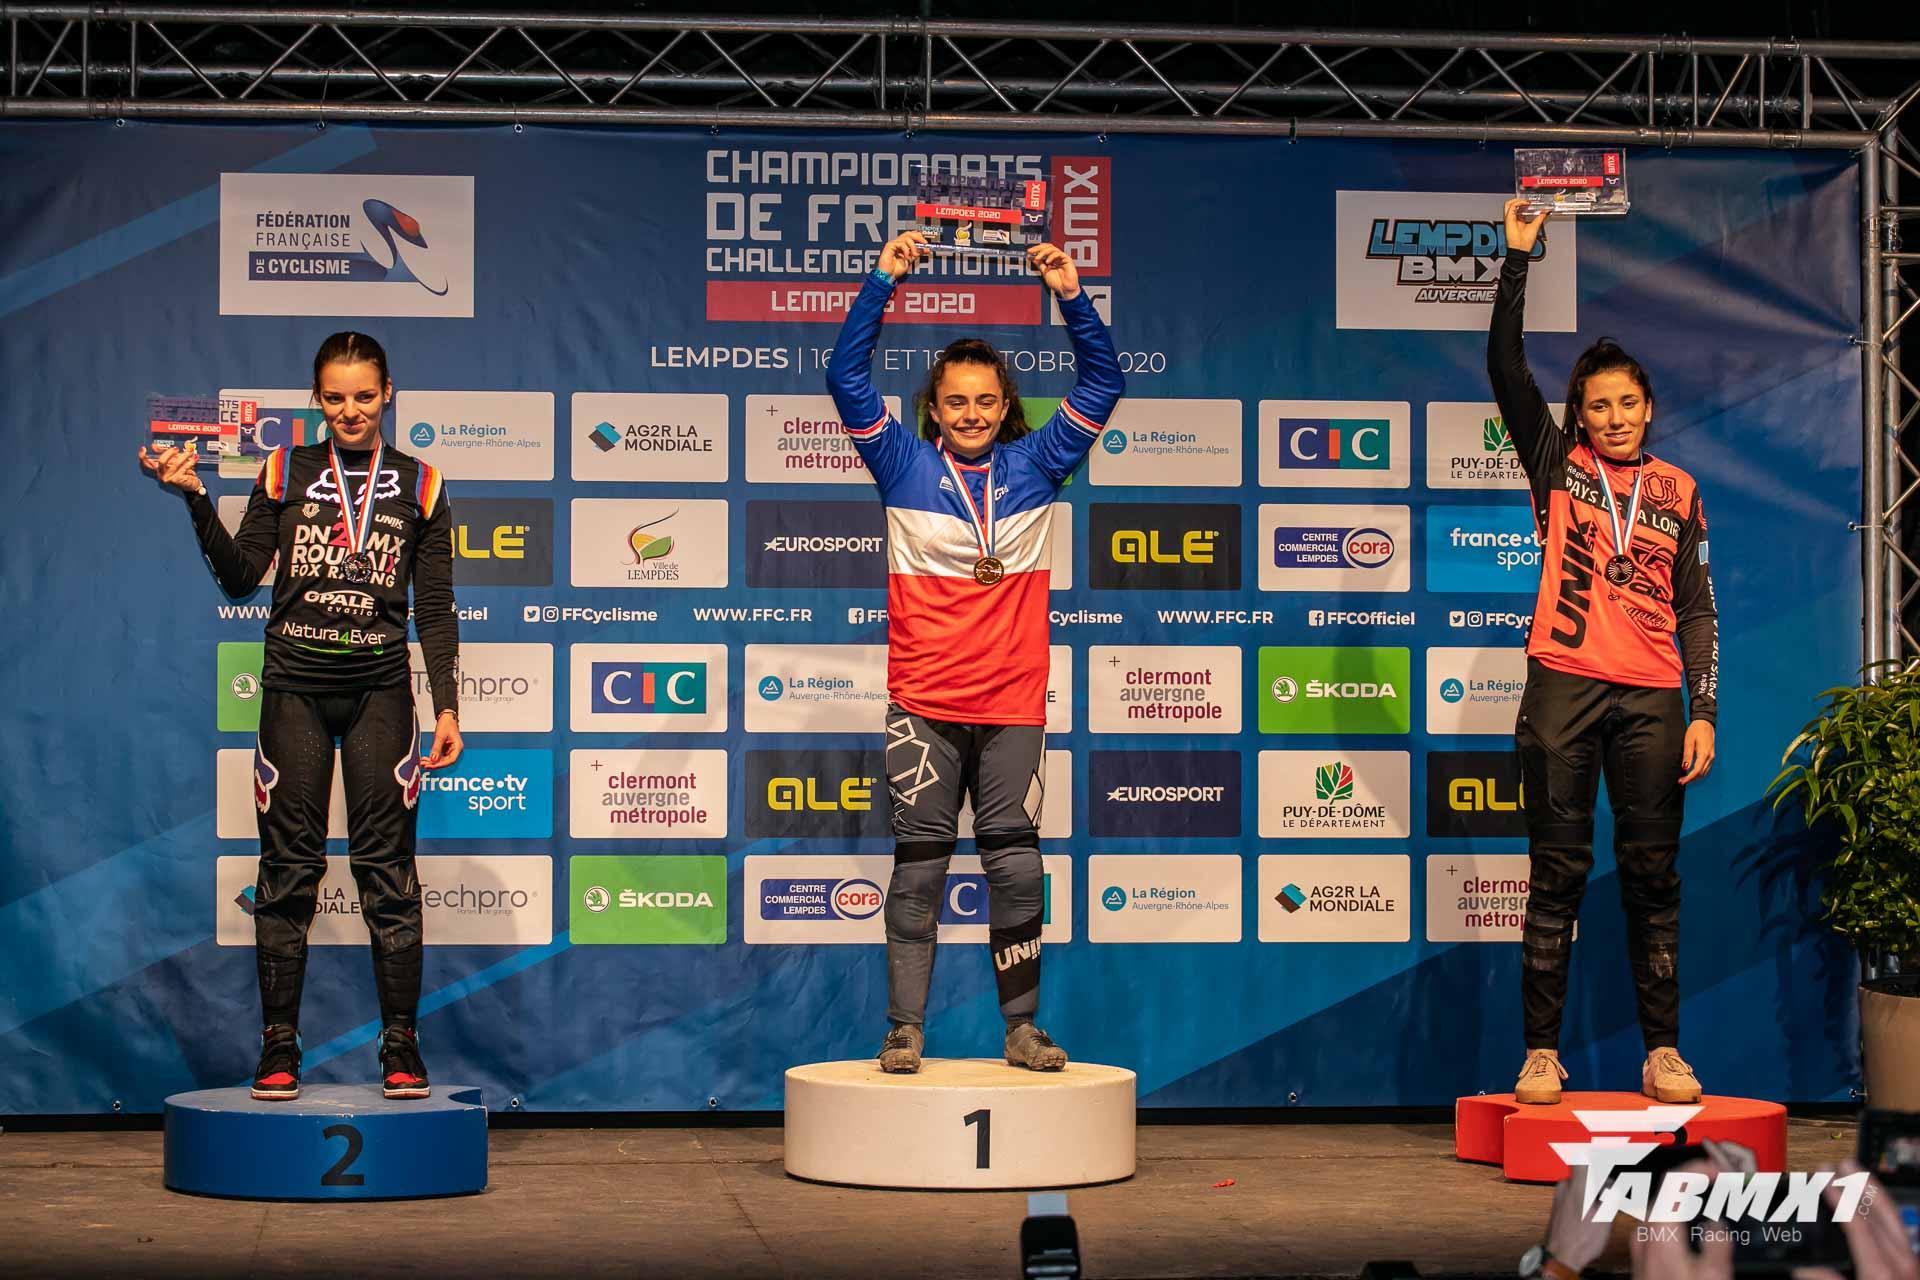 Résultats du championnat de France BMX Lempdes.